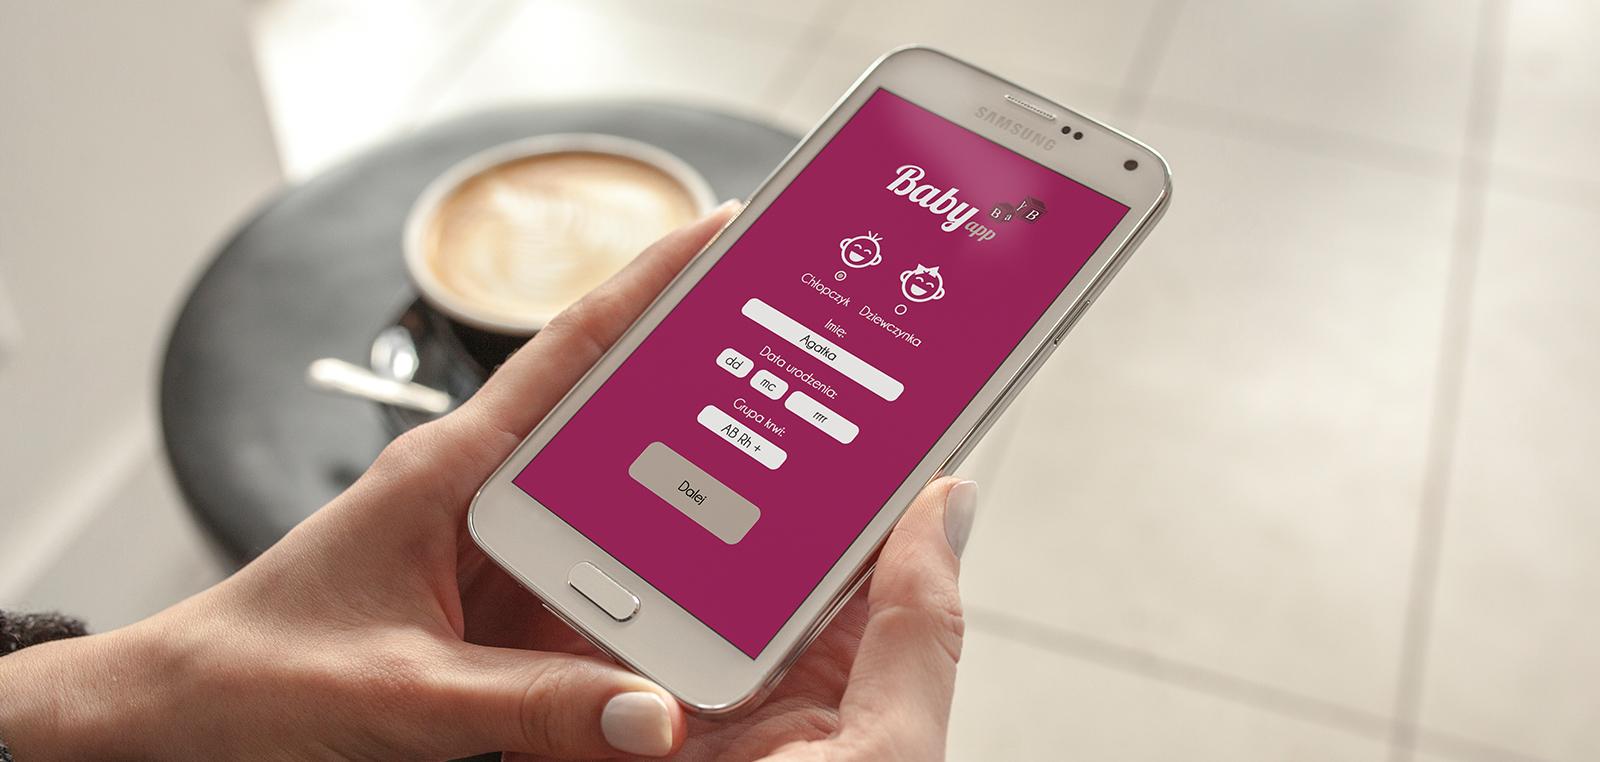 zlecenia graficzne - aplikacje mobilne. przykładowe ujęcie telefonu z wyświetloną aplikacją dla rodziców niemowląt